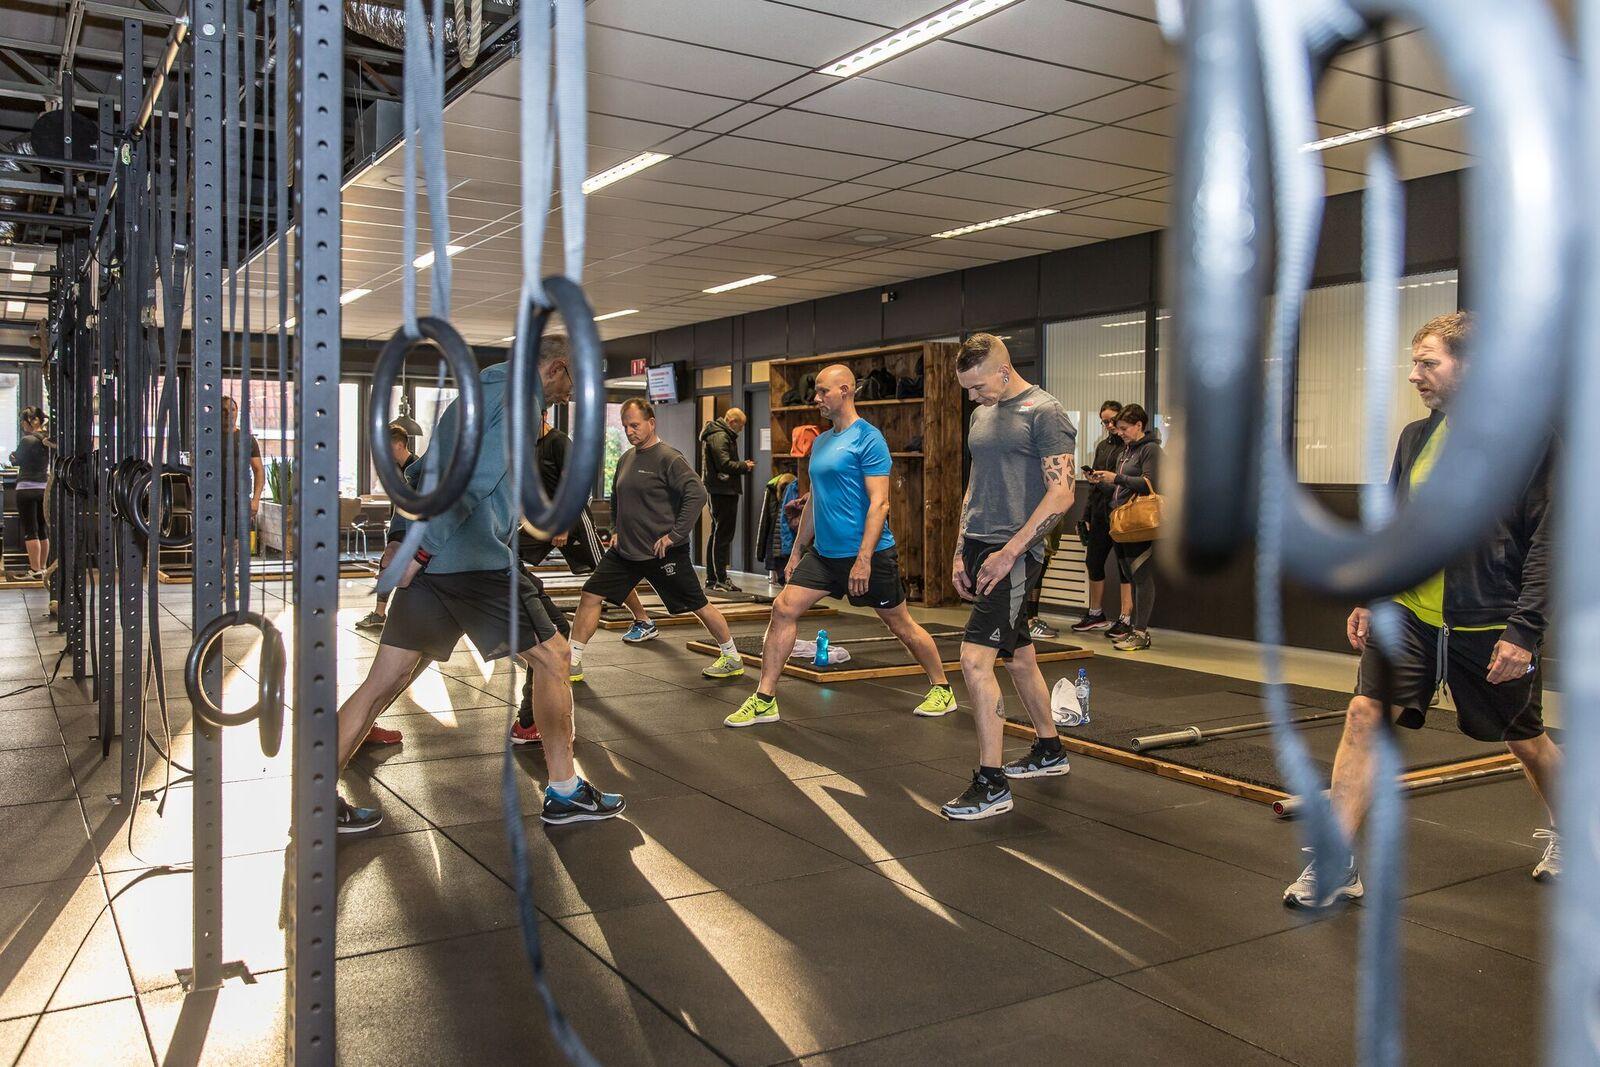 crossfit gooi hilversum no excuses begeleiding fitness goedkoop resultaat sporten groepen